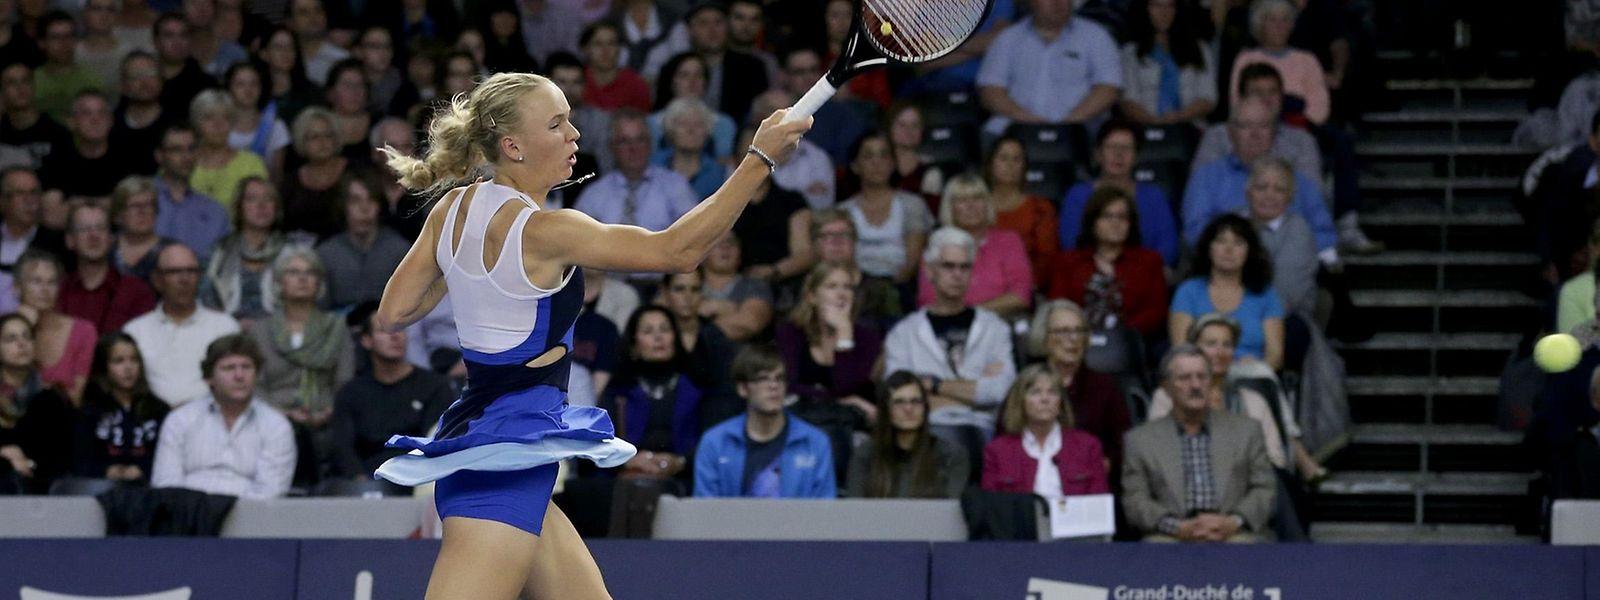 Caroline Wozniacki setzte sich 2013 im Finale gegen Annika Beck durch.